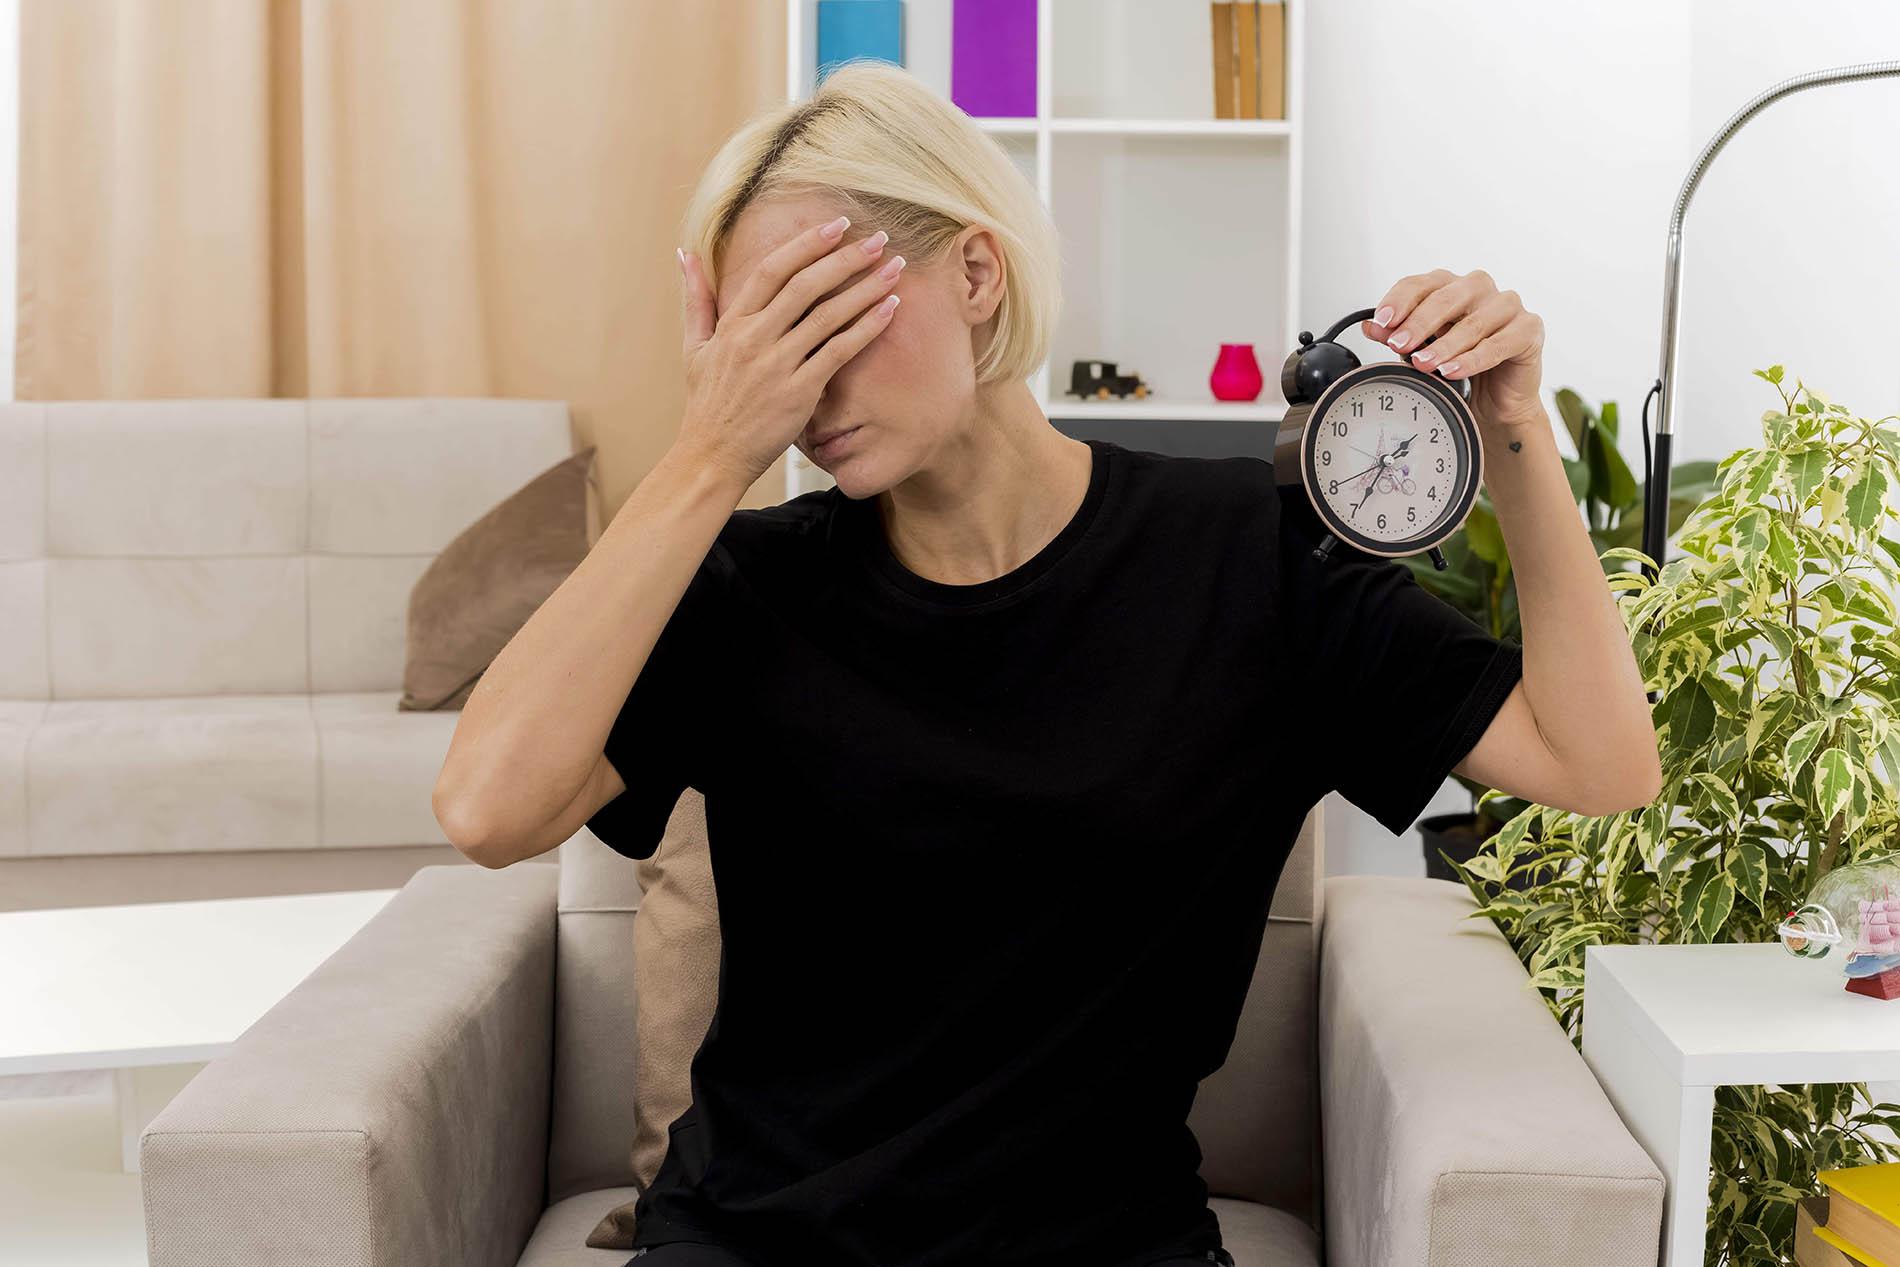 Mulher loira com cabelo curto, com a mão no rosto, não querendo olhar para o relógio que segura na outra mão: mistério de acordar às 3h da manhã – Luz da Serra